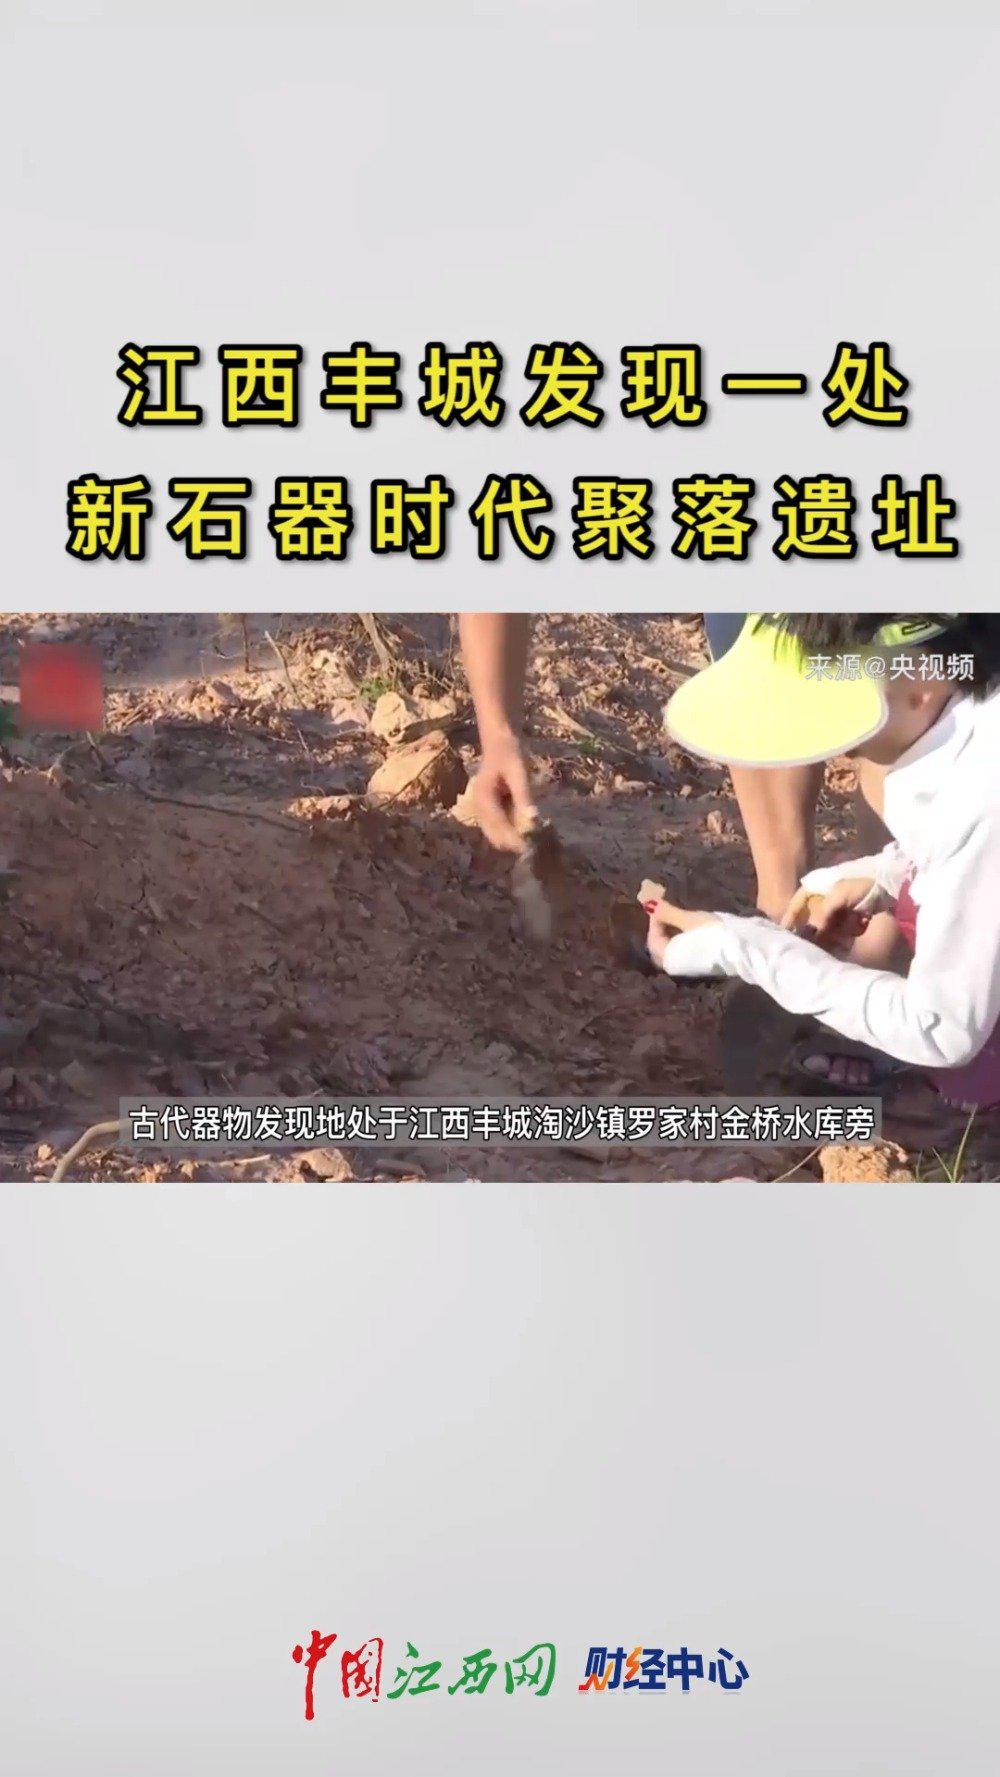 江西丰城发现一处新石器时代聚落遗址